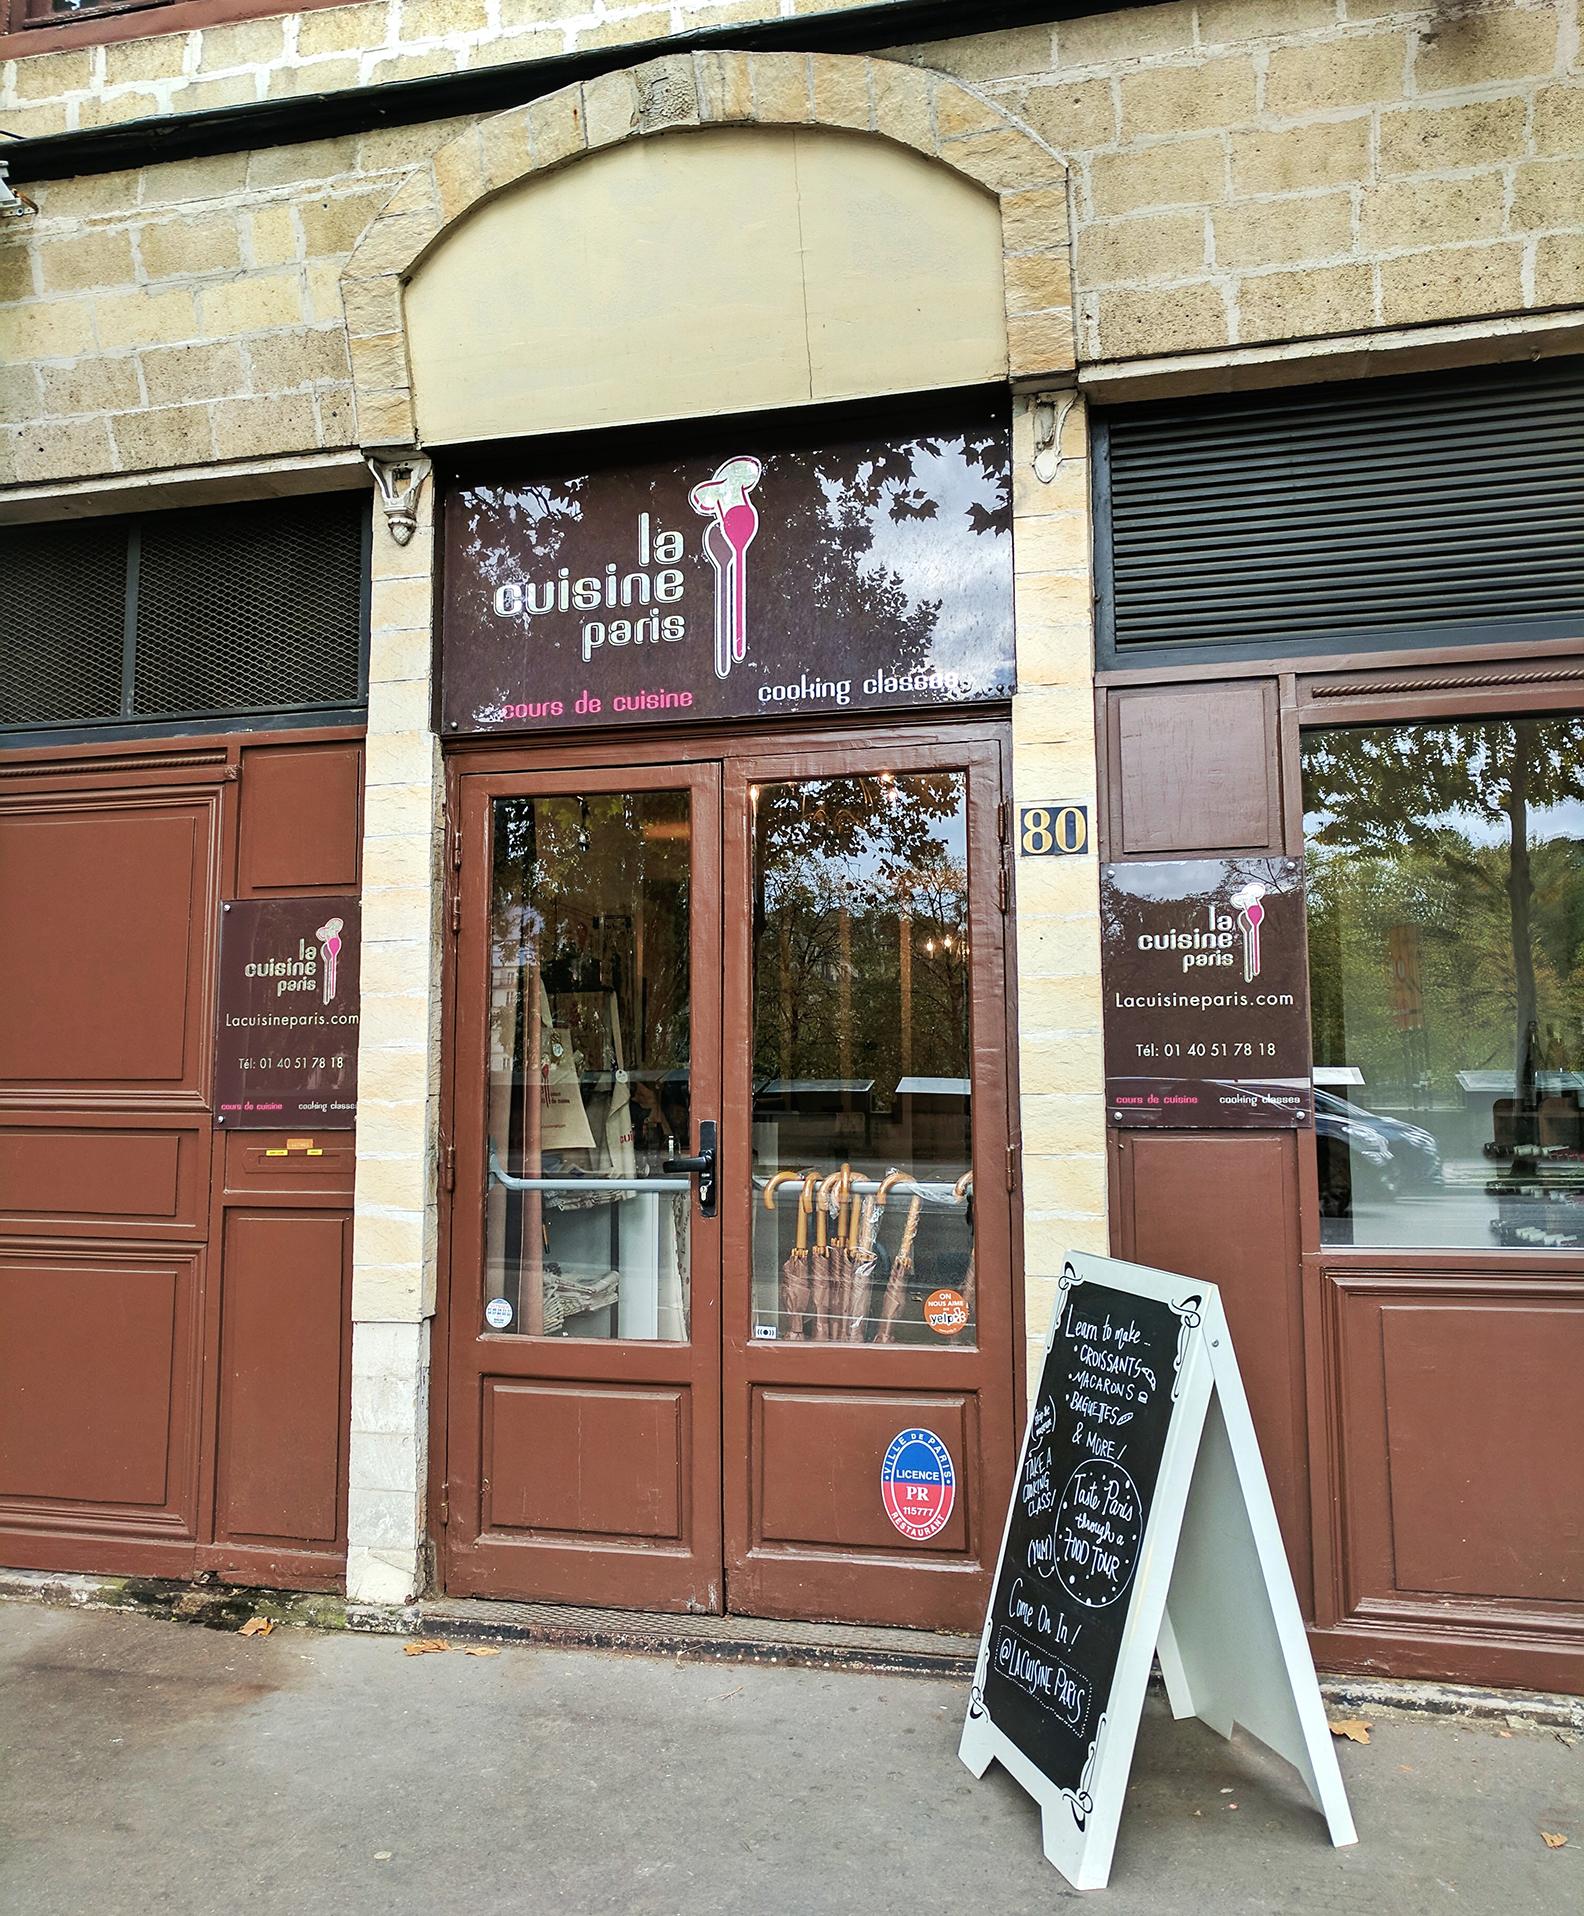 La Cuisine Paris storefront